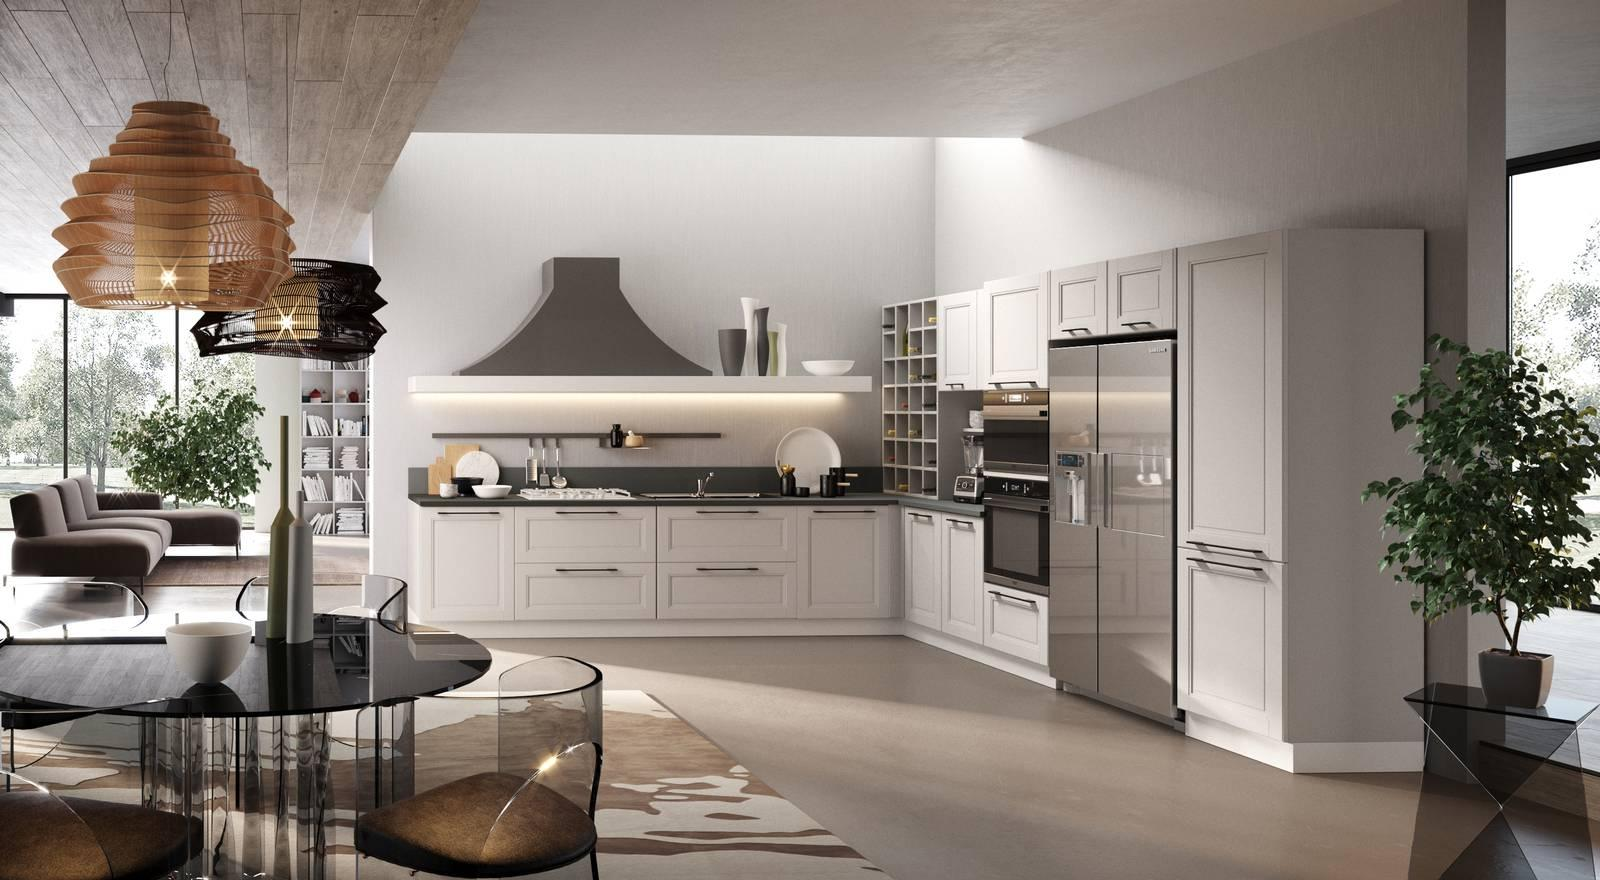 Cucine Moderne Con Cappa Ad Angolo.Speciale Cucina Focus Sulla Cappa Che Arreda Cose Di Casa